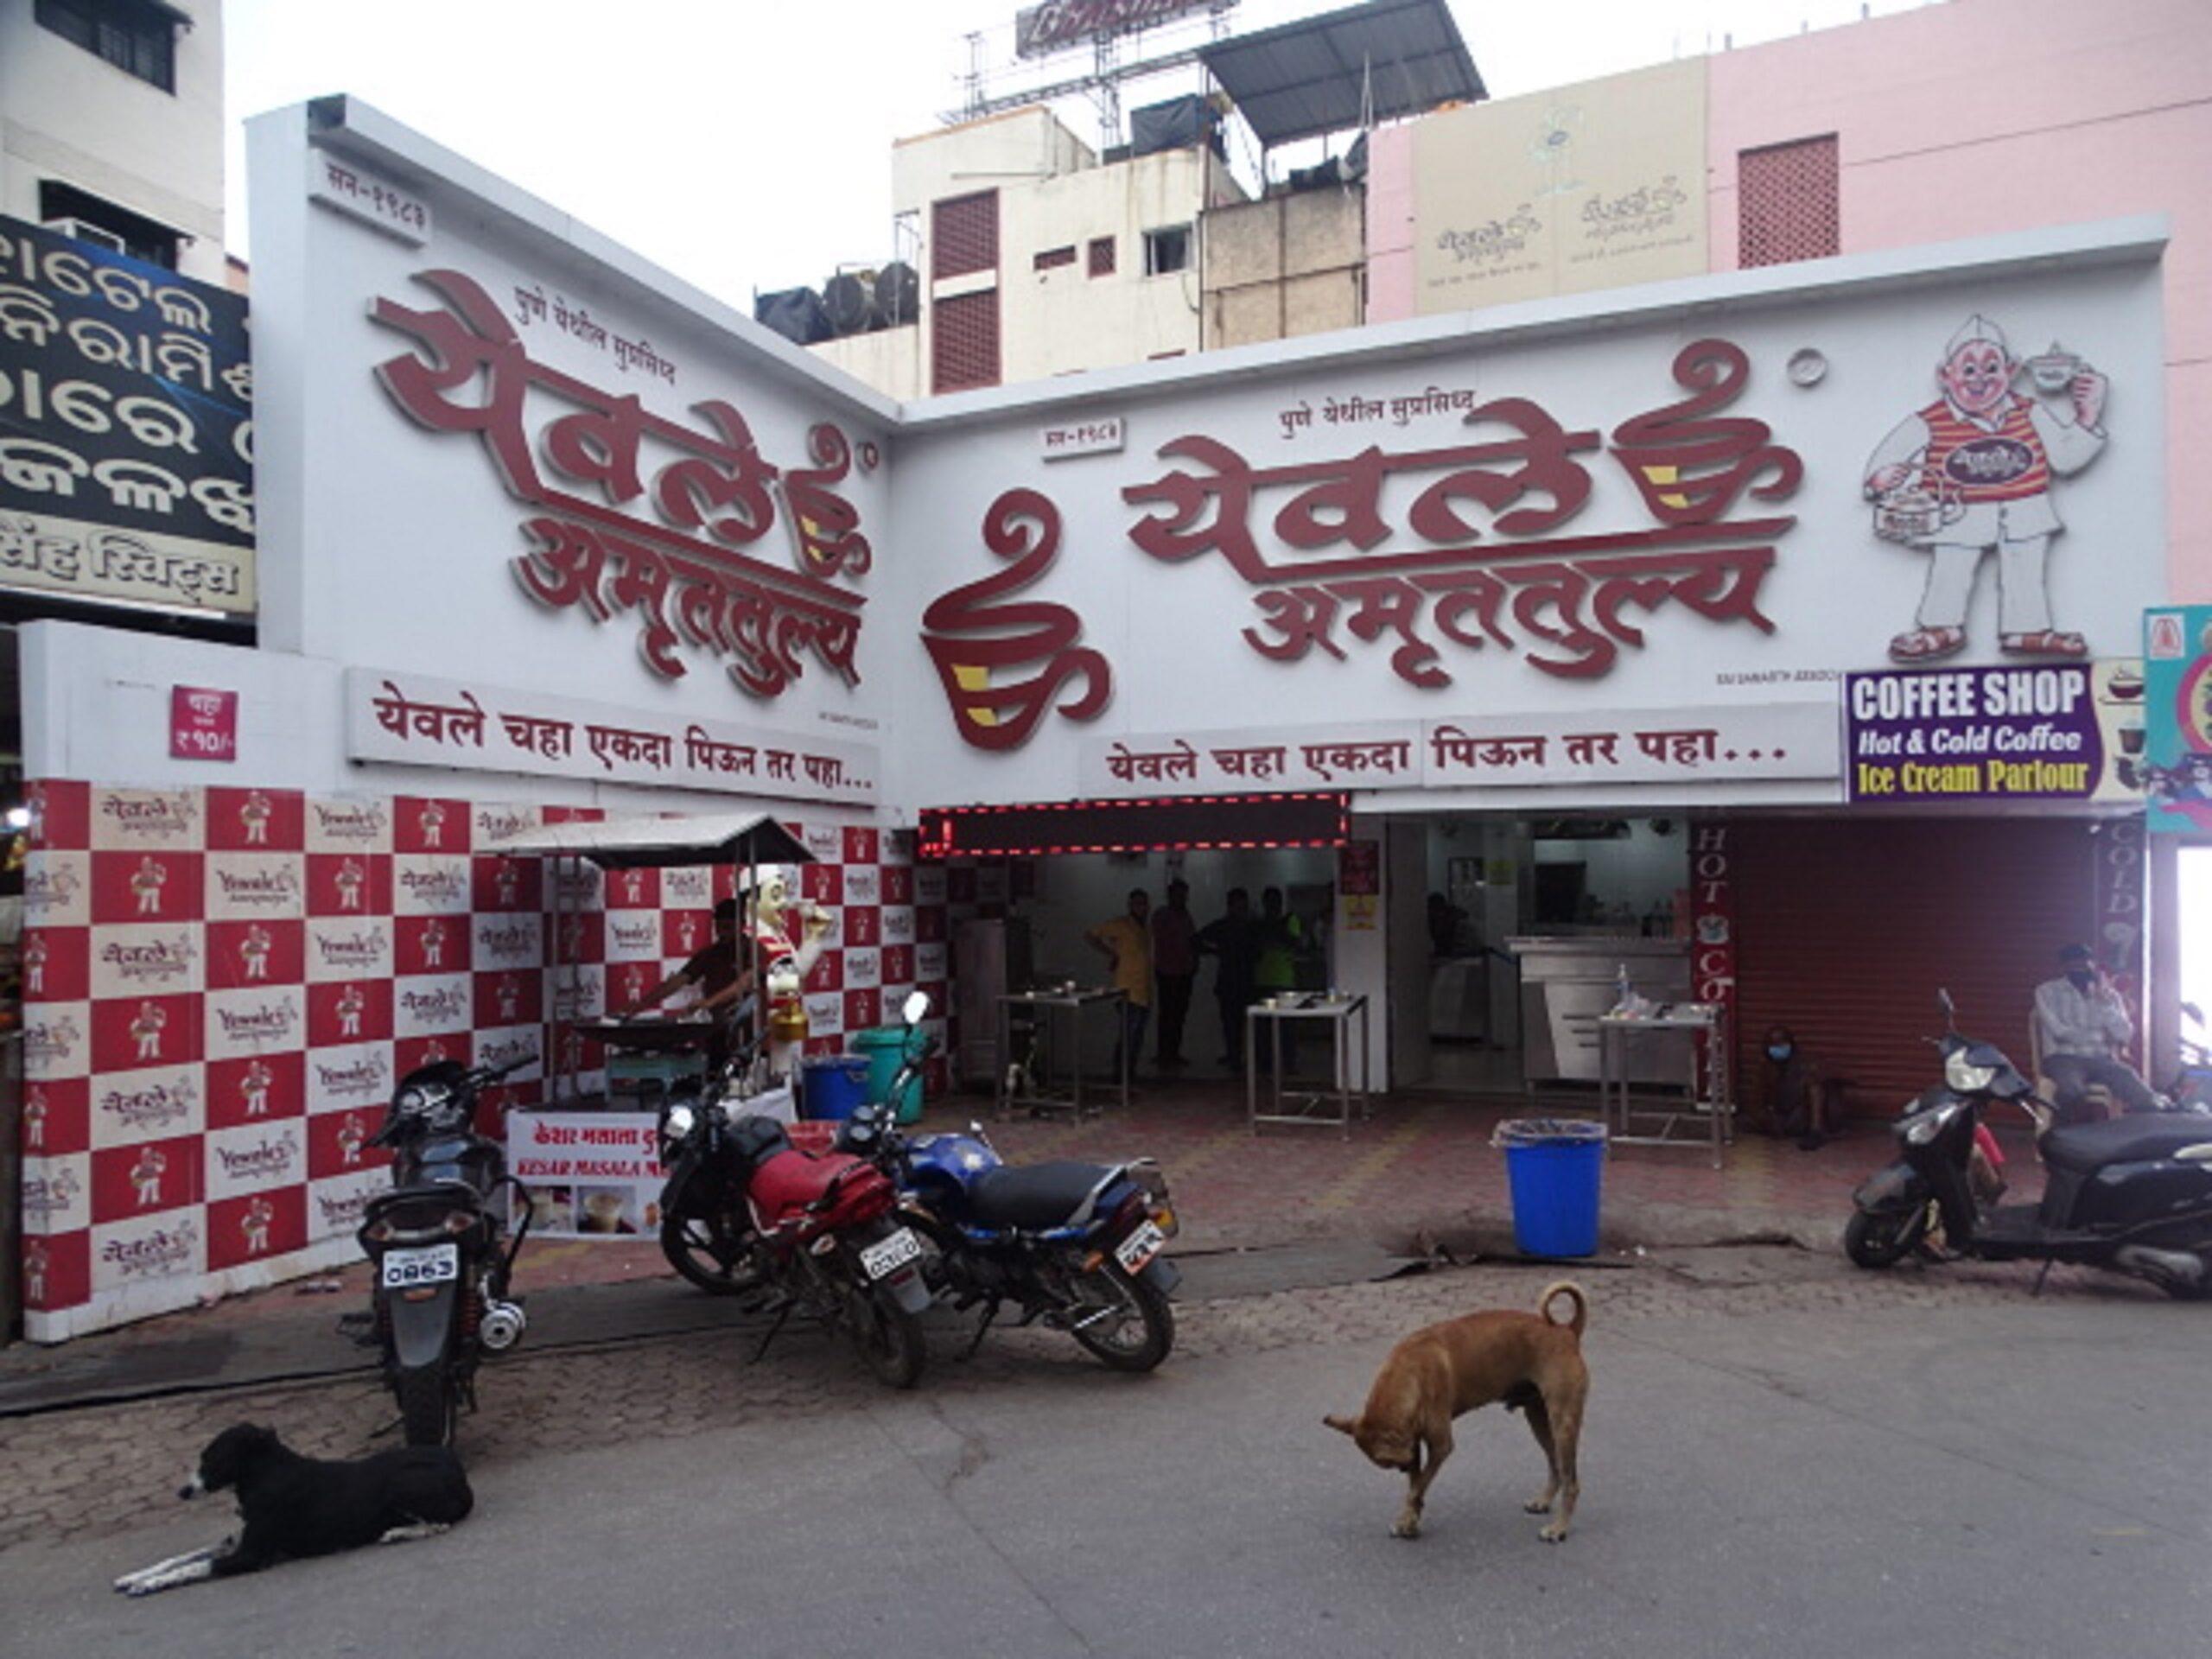 Yewale Amruttulya, Shirdi, Maharashtra